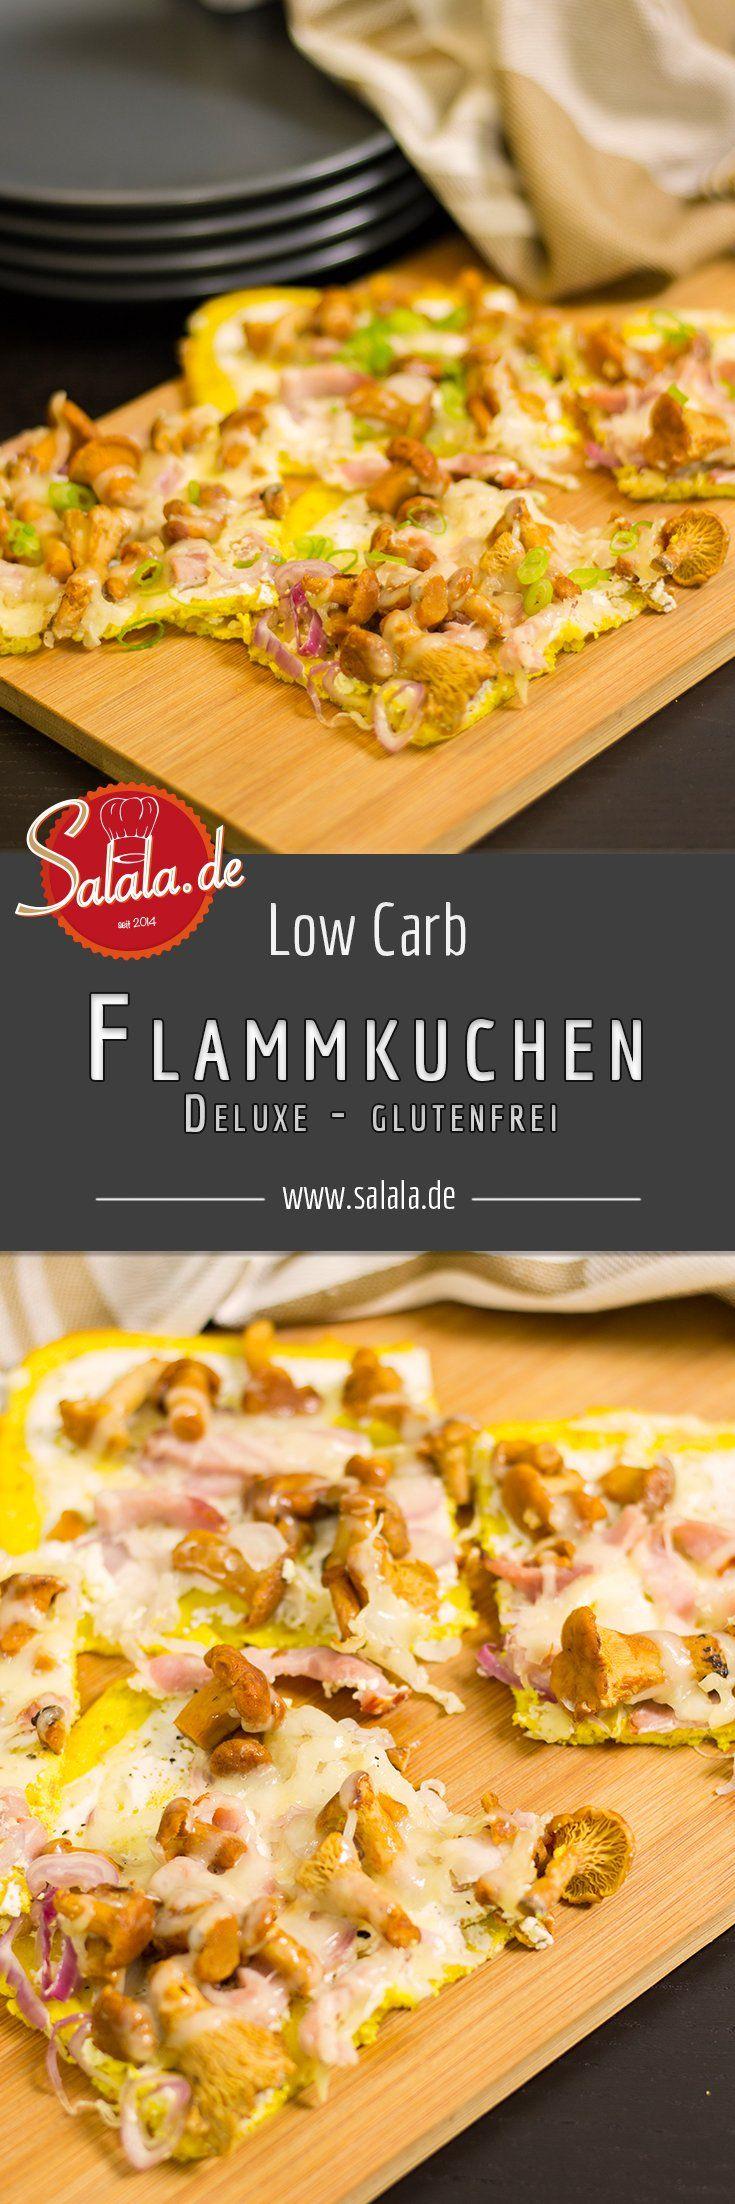 Low Carb Flammkuchen deluxe mit Pfifferlingen und Bergkäse - edel, lecker und definitiv jeden Aufwand wert!